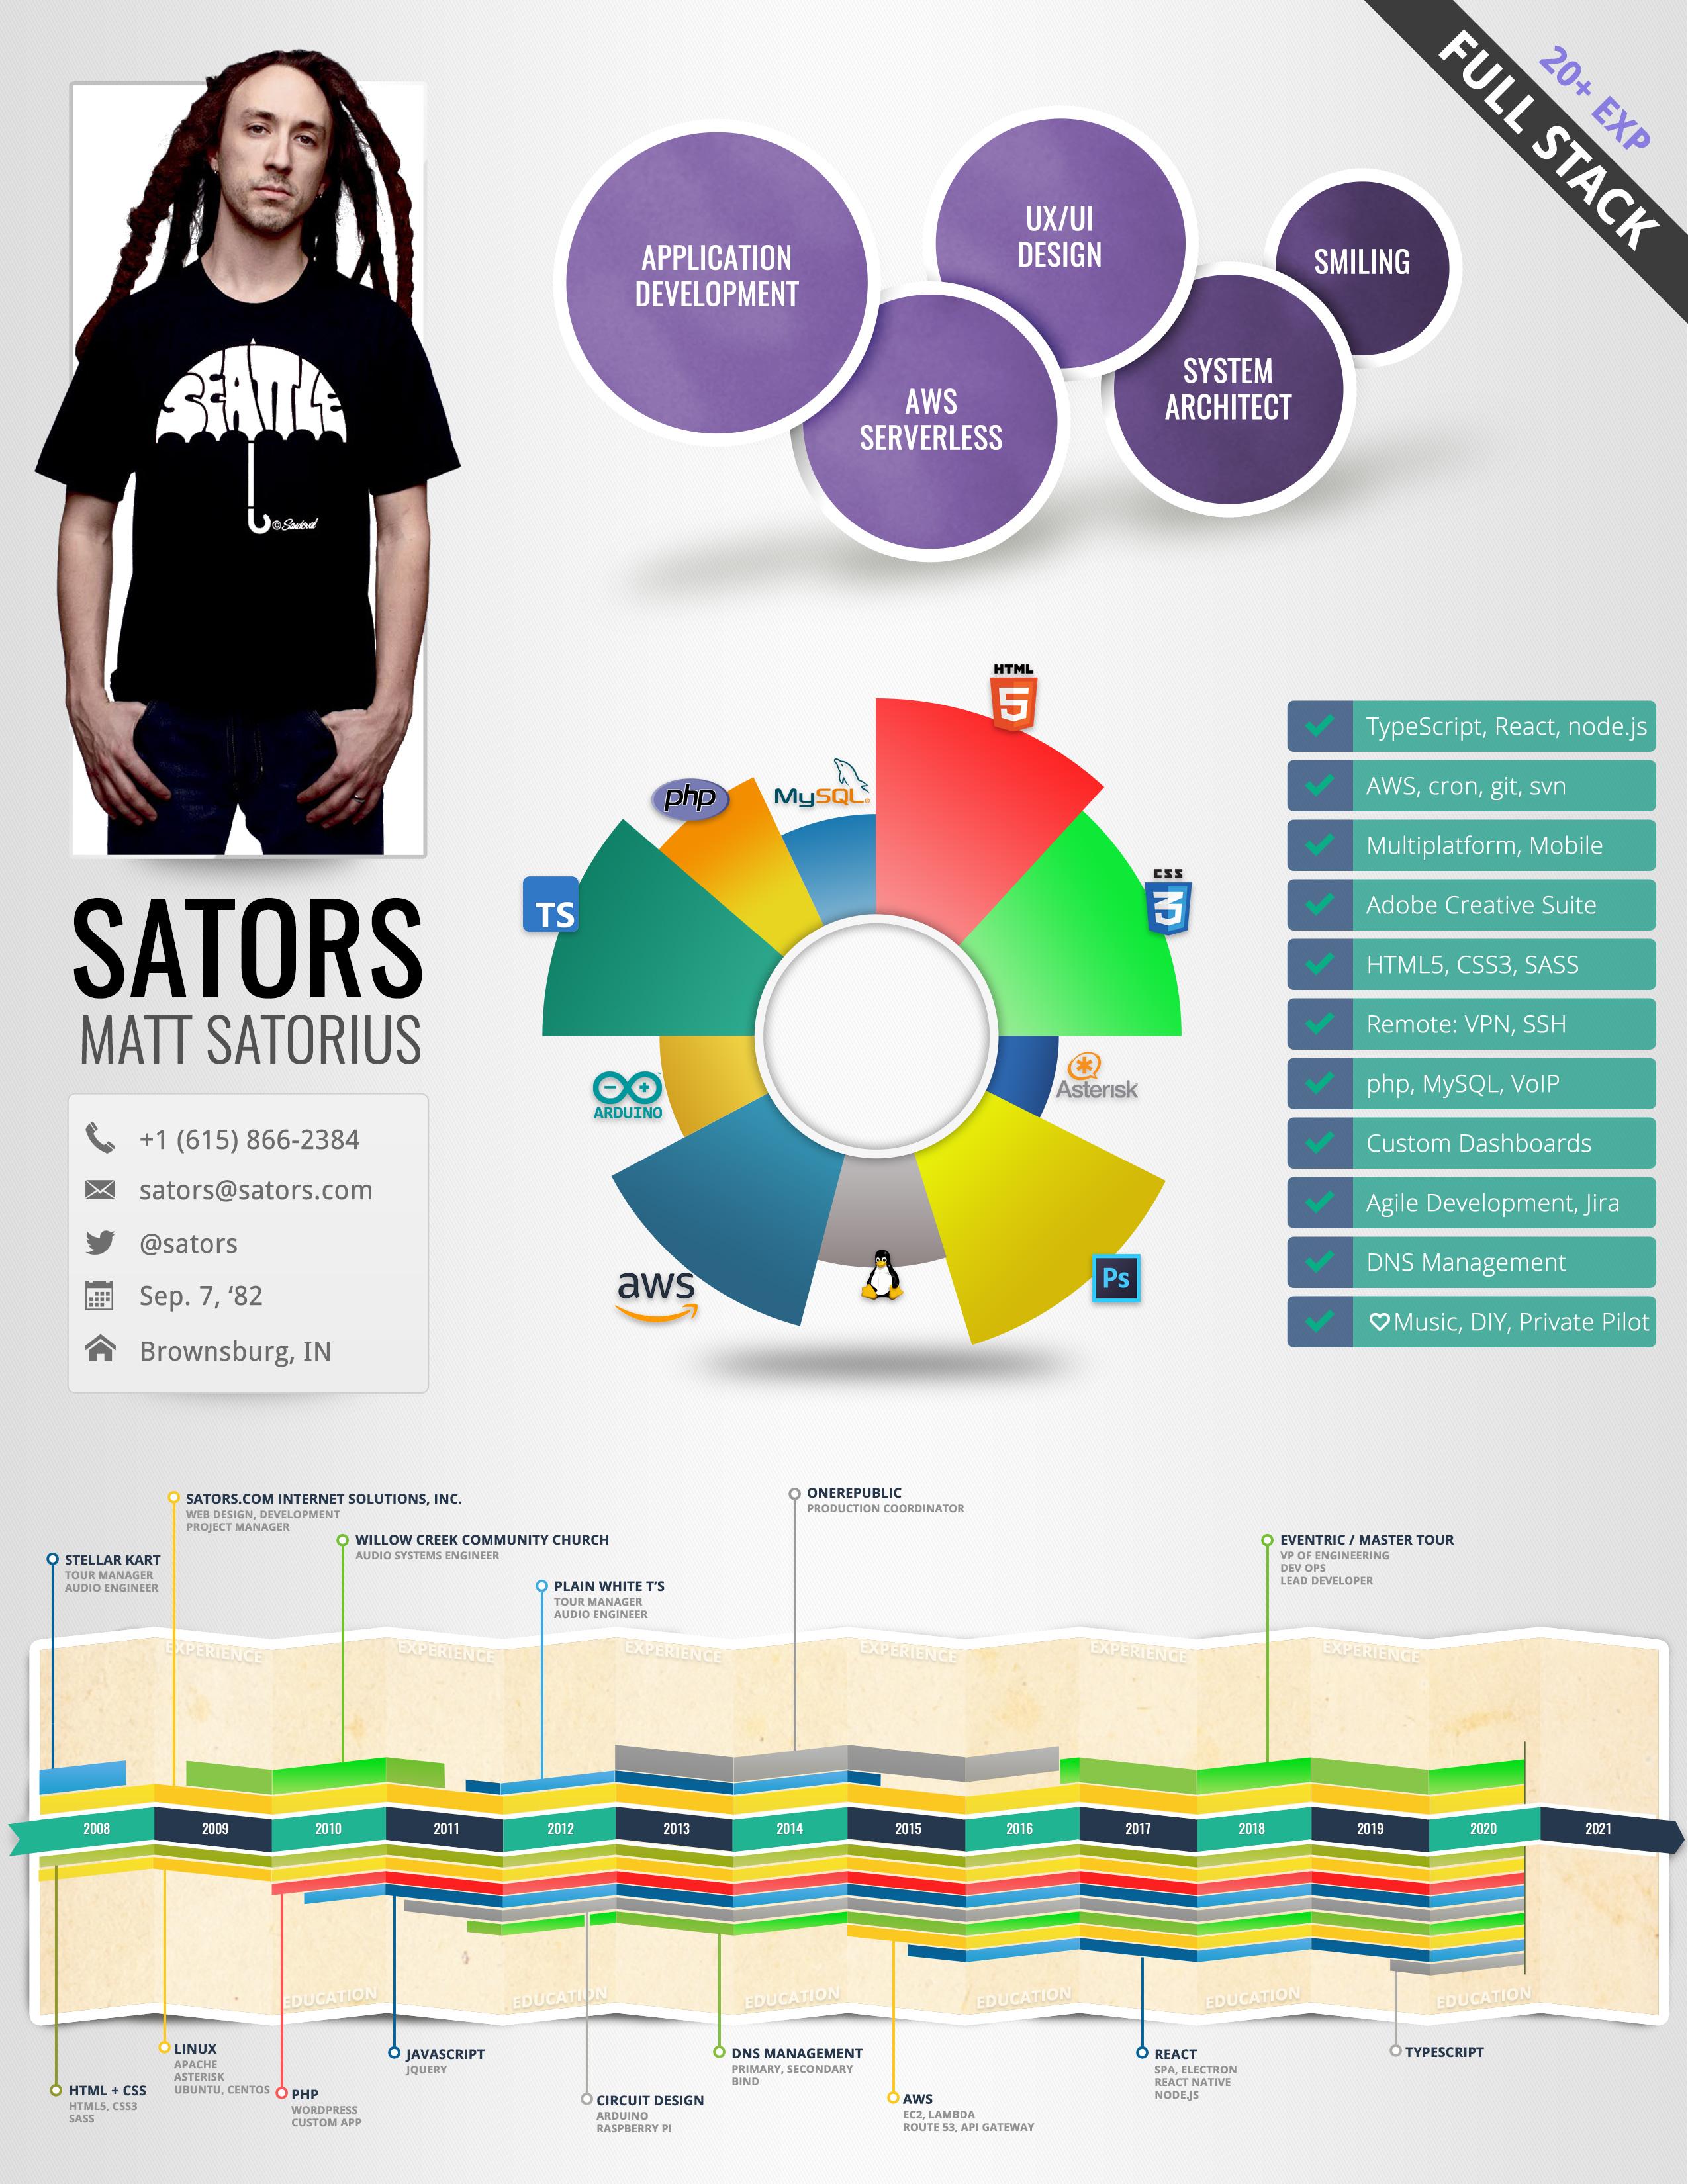 Matt Satorius Infographic